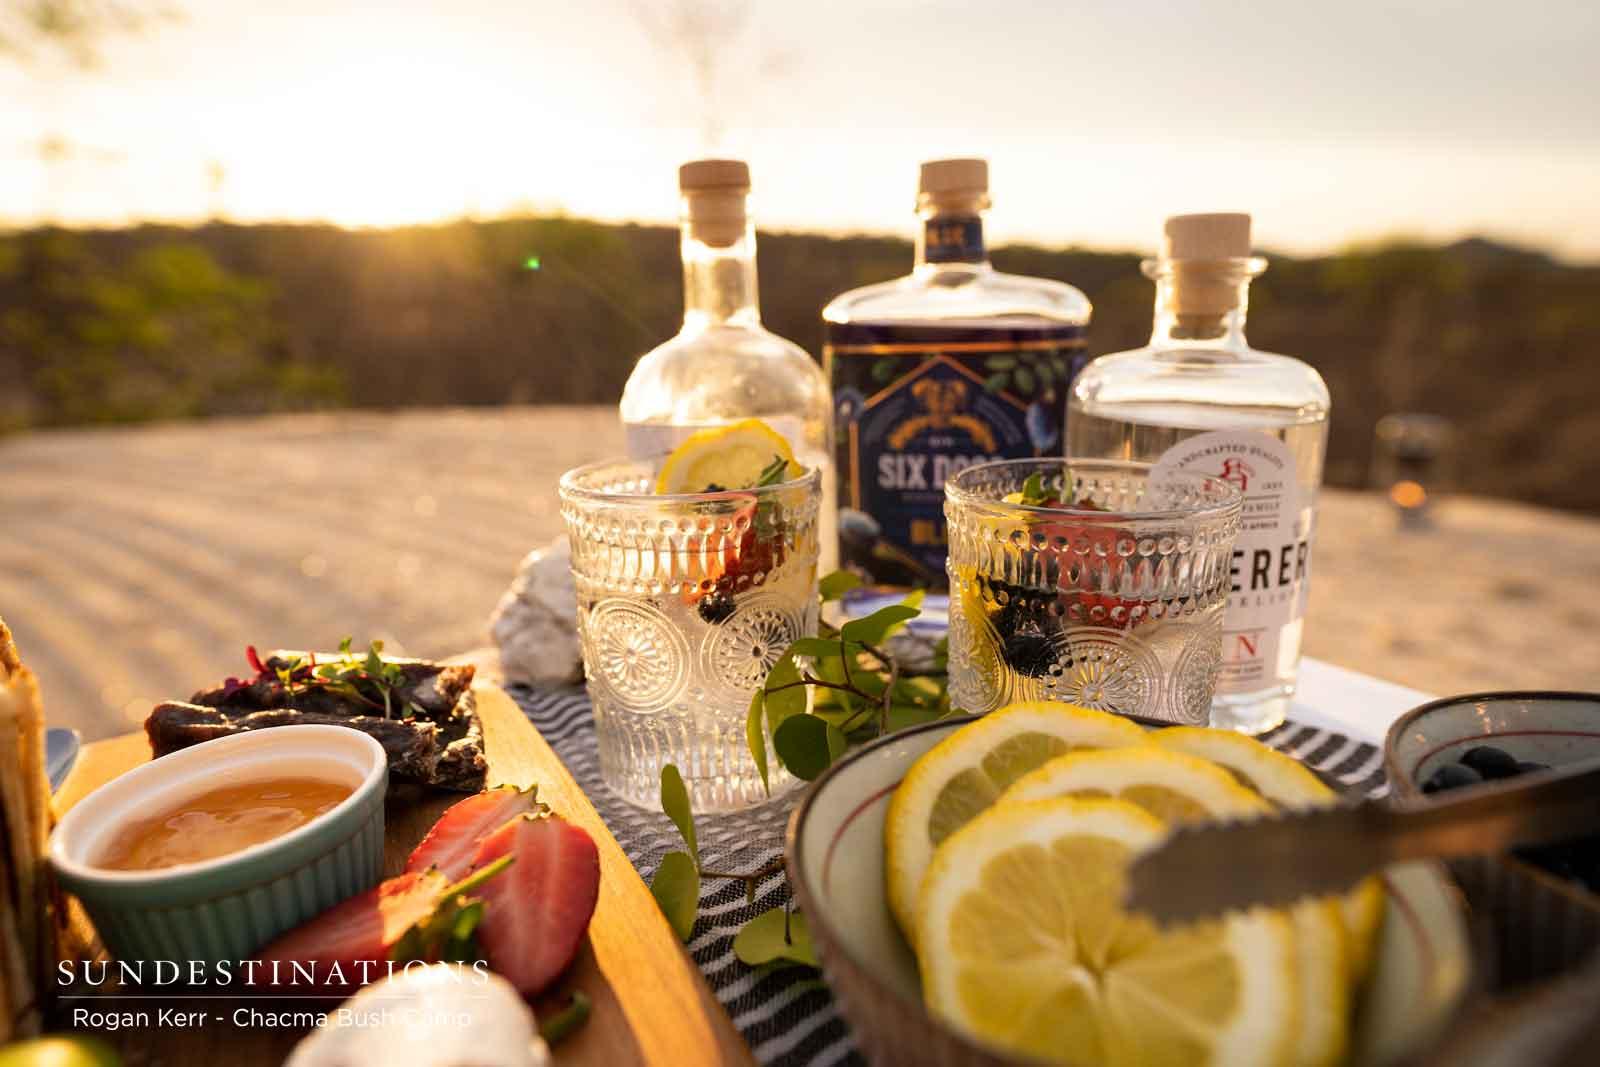 Gin Tasting and Snacks at Chacma Bush Camp